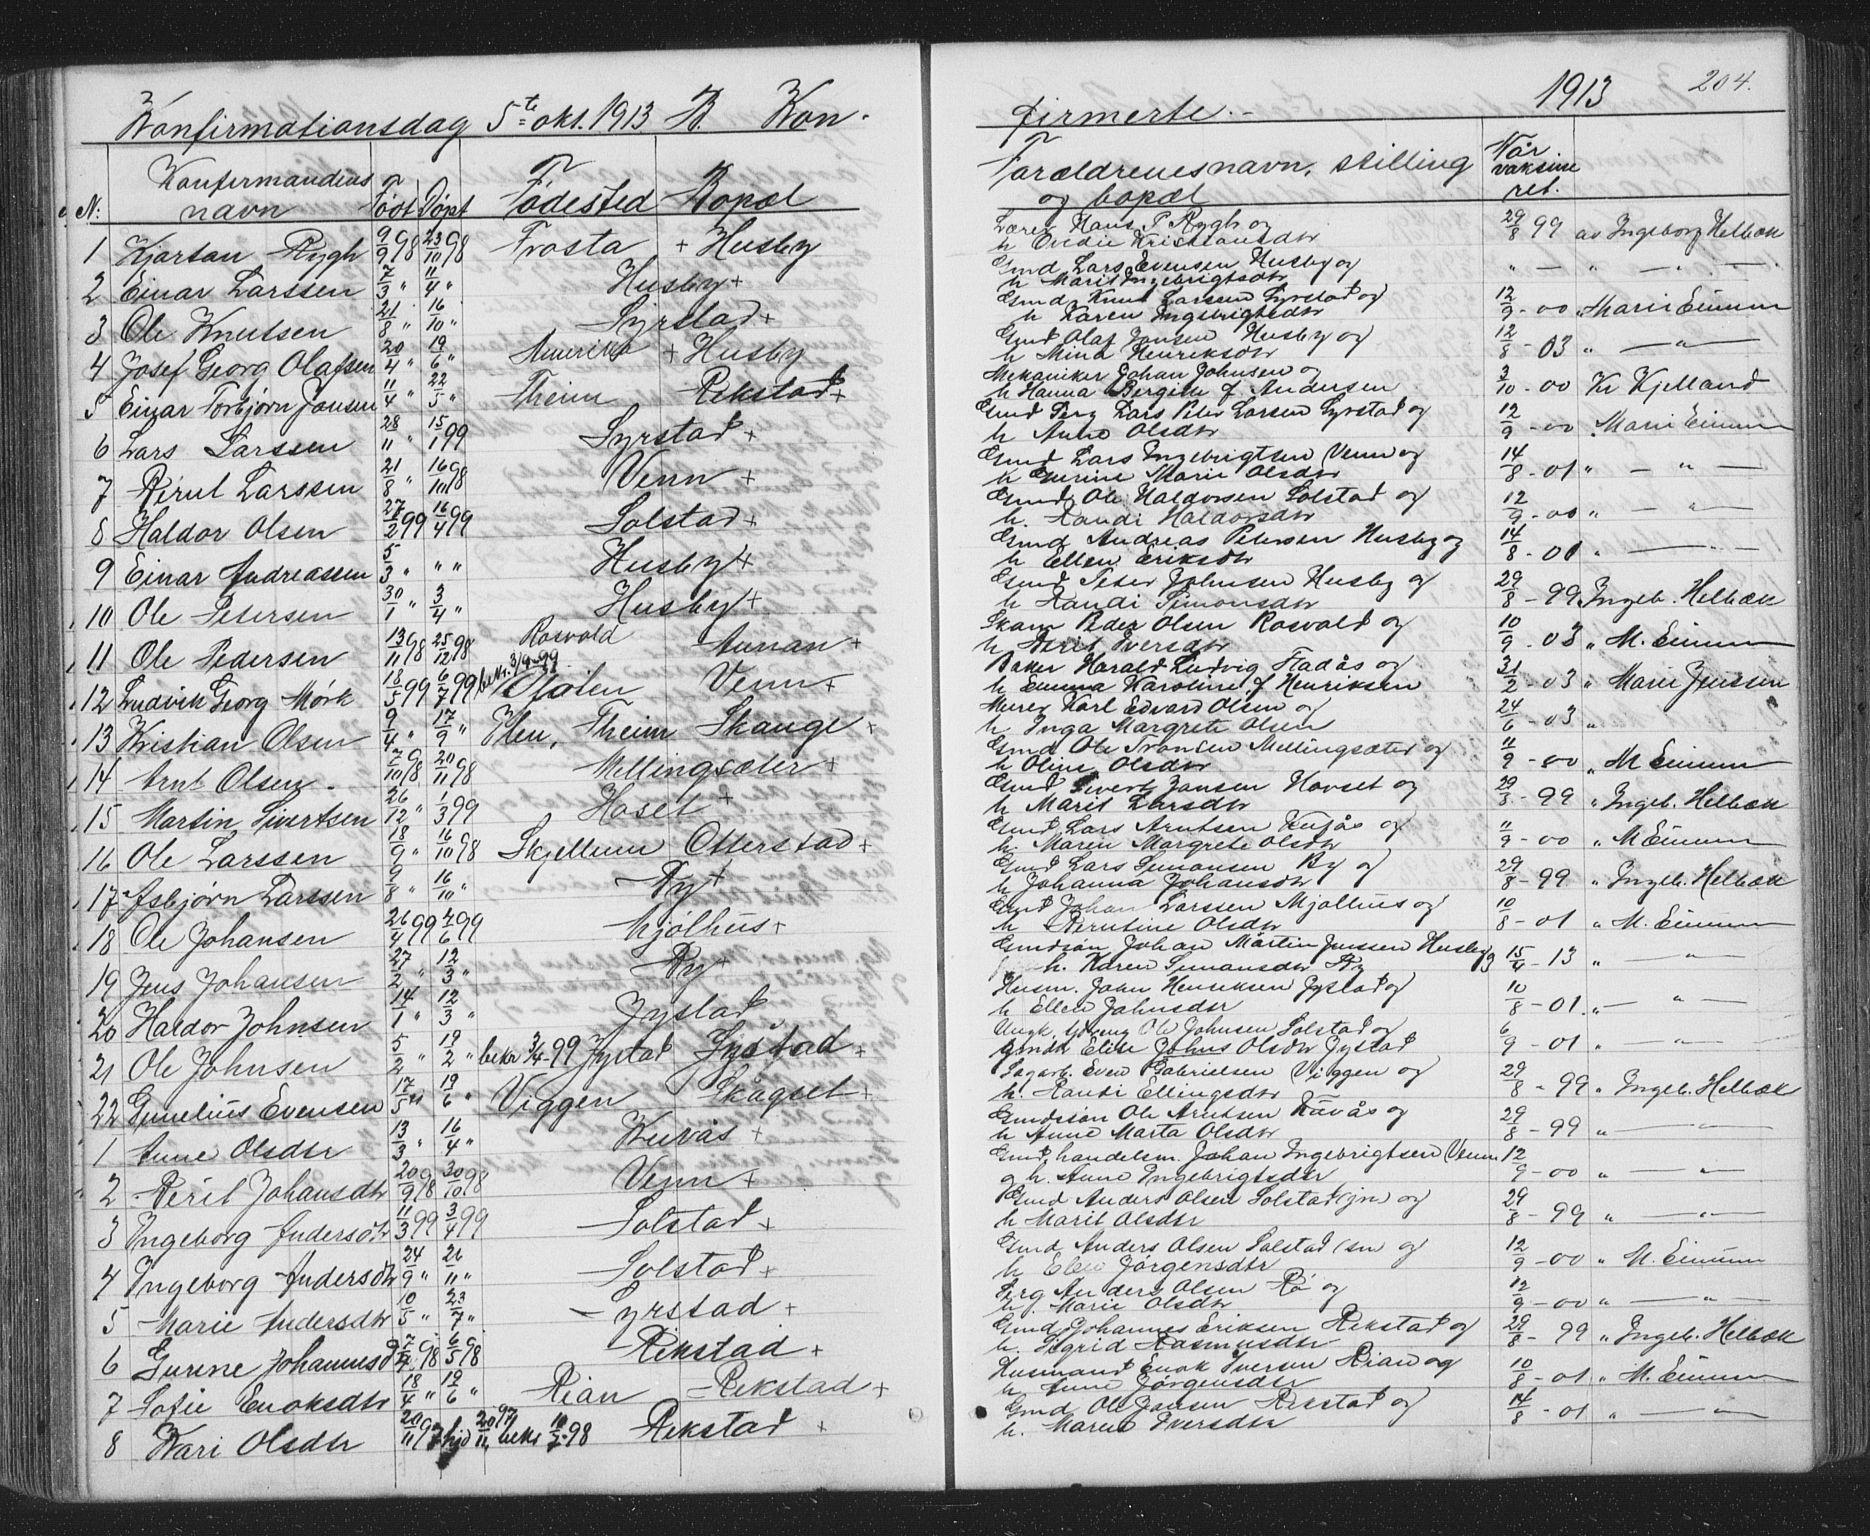 SAT, Ministerialprotokoller, klokkerbøker og fødselsregistre - Sør-Trøndelag, 667/L0798: Klokkerbok nr. 667C03, 1867-1929, s. 204